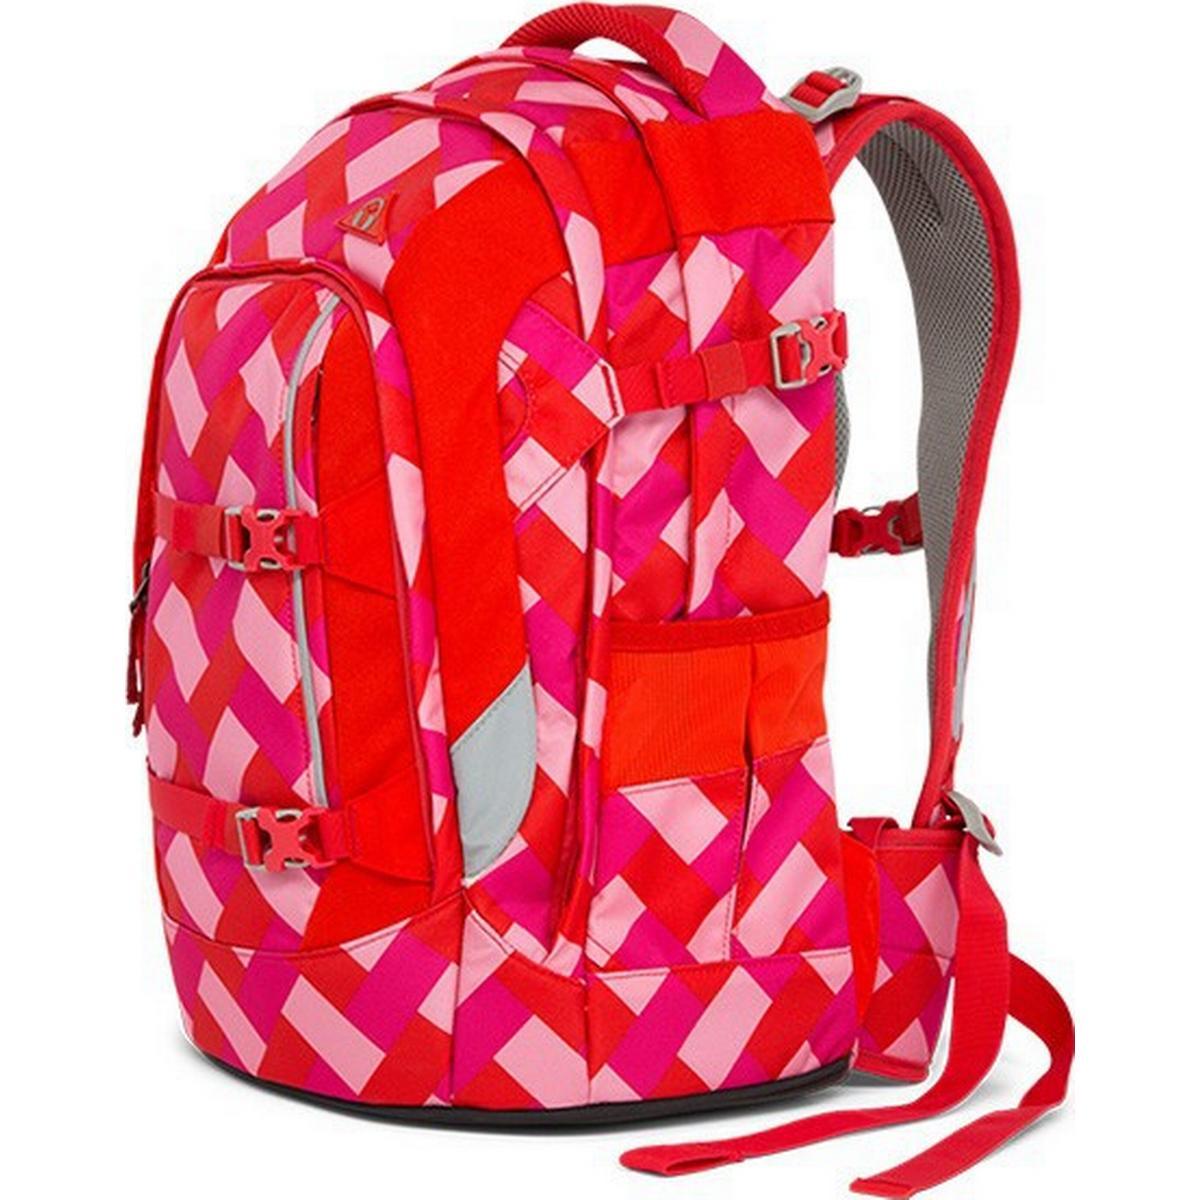 Ergobag Väskor (200+ produkter) hos PriceRunner • Se priser nu »